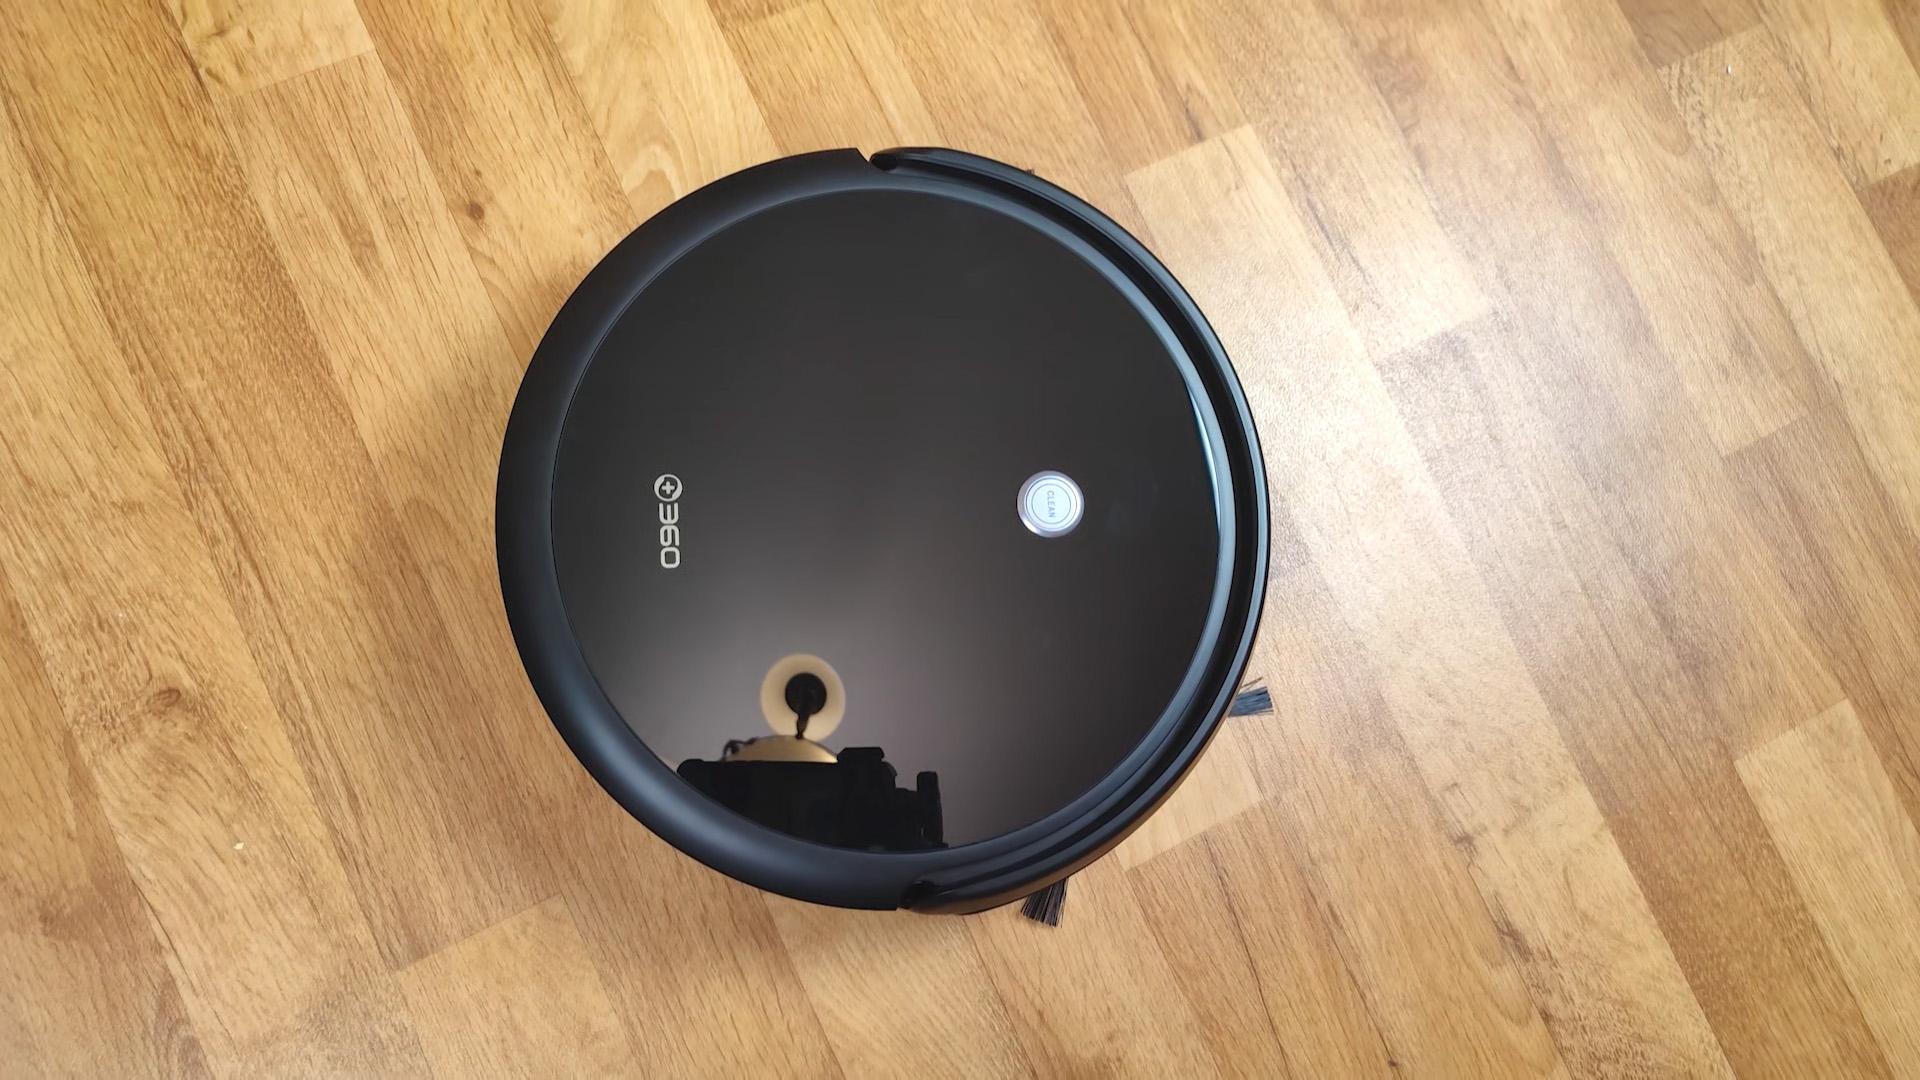 Обзор Робота-Пылесоса 360 C50-1 компактный